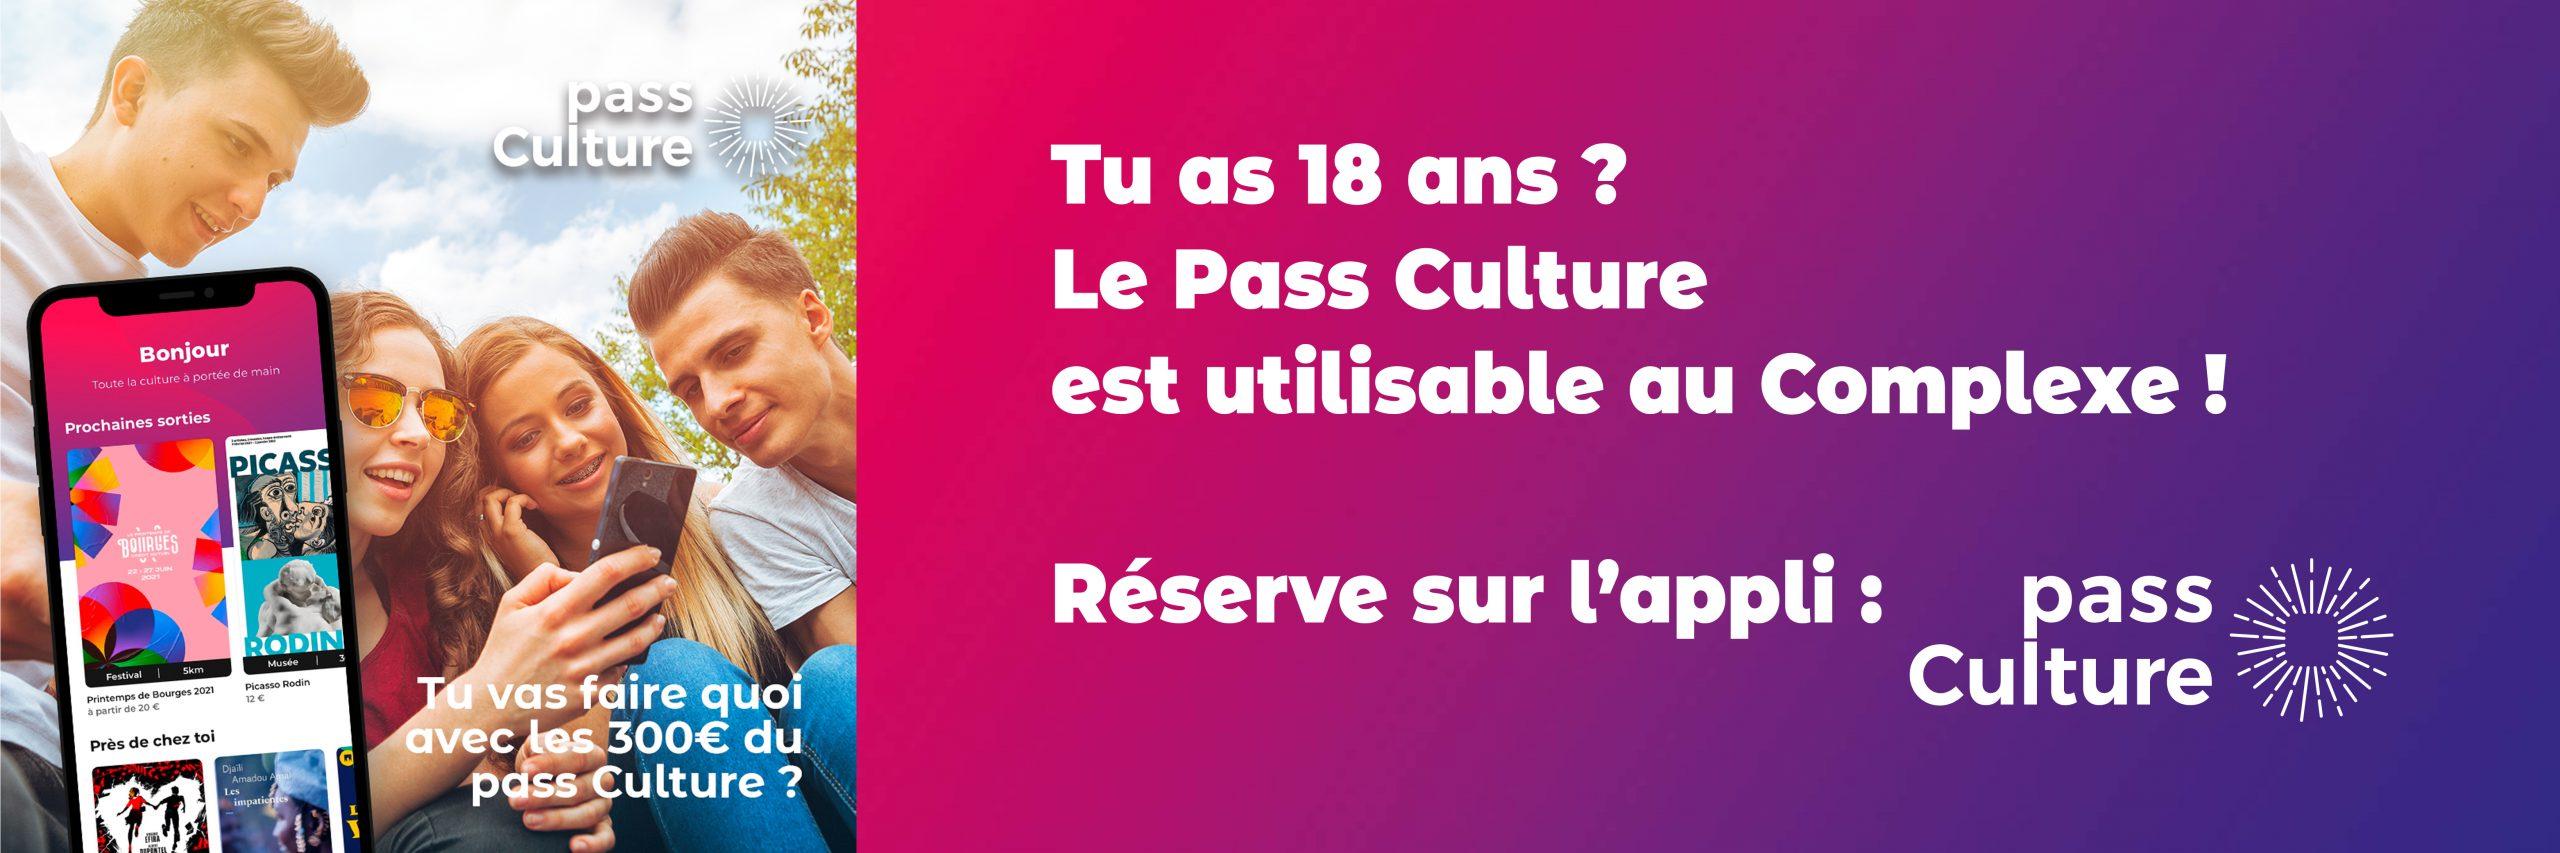 bandeau pass culture